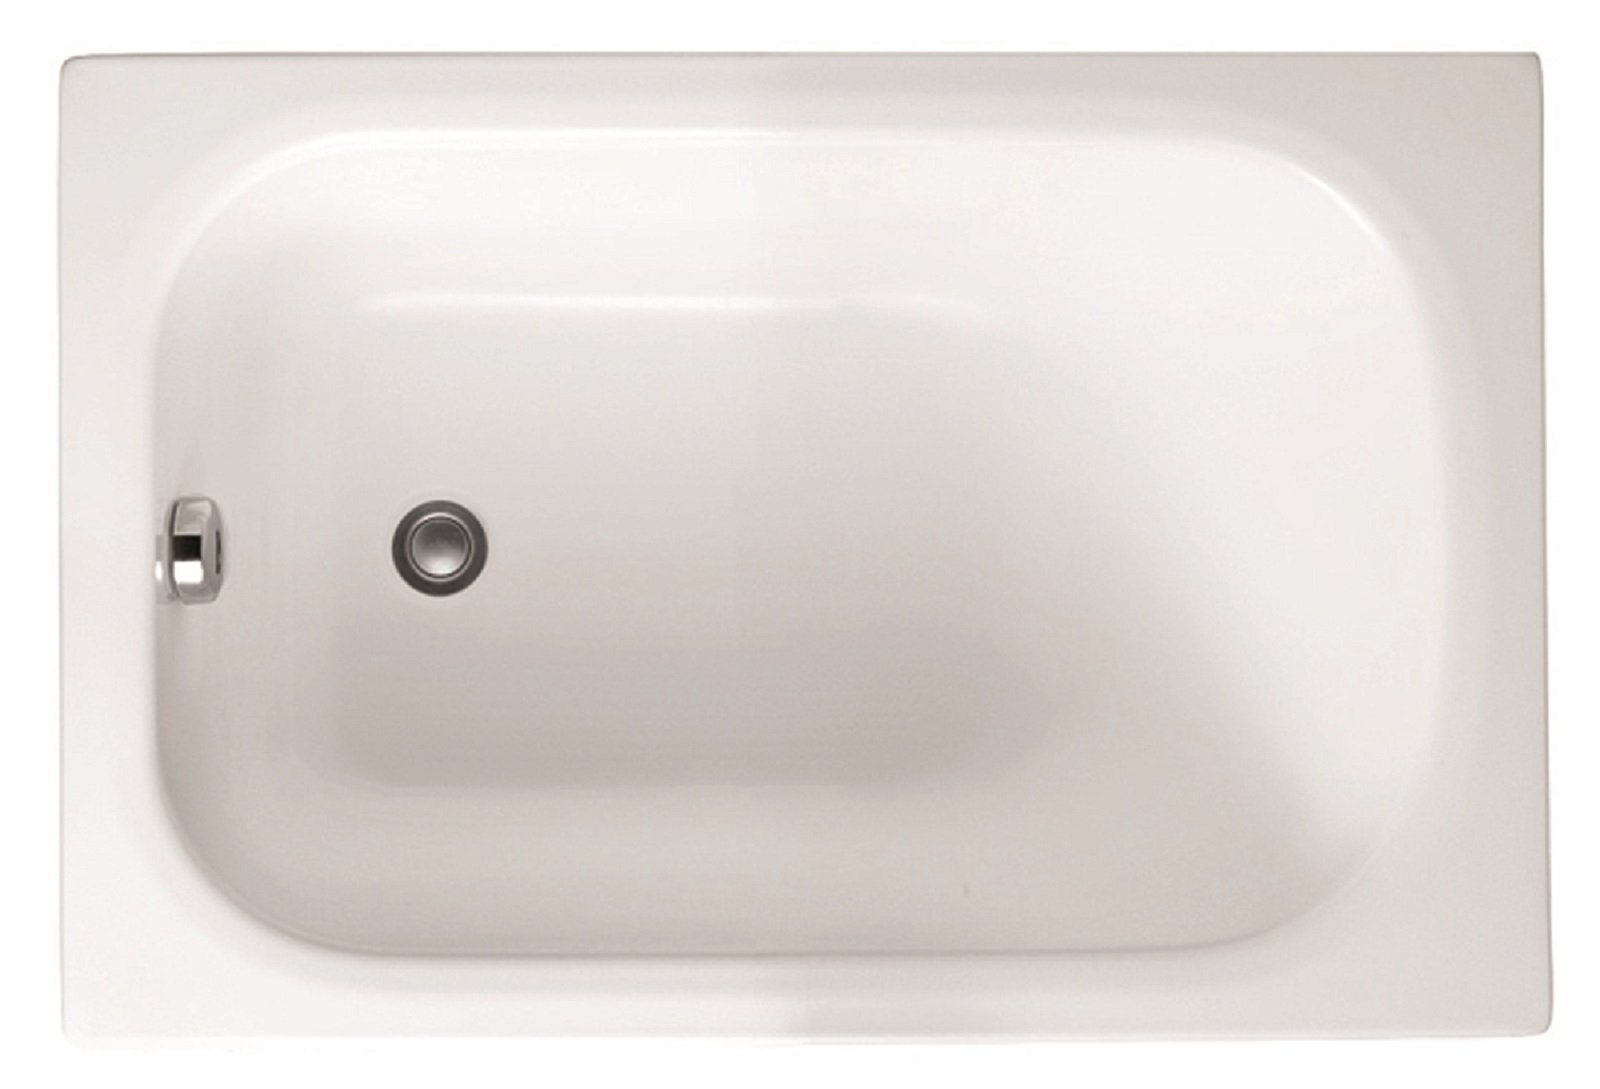 Vasche Da Bagno Piccole Ikea.18 Soluzioni Salvaspazio Per Il Bagno Per Risparmiare Centimetri Preziosi Cosedicasa Com